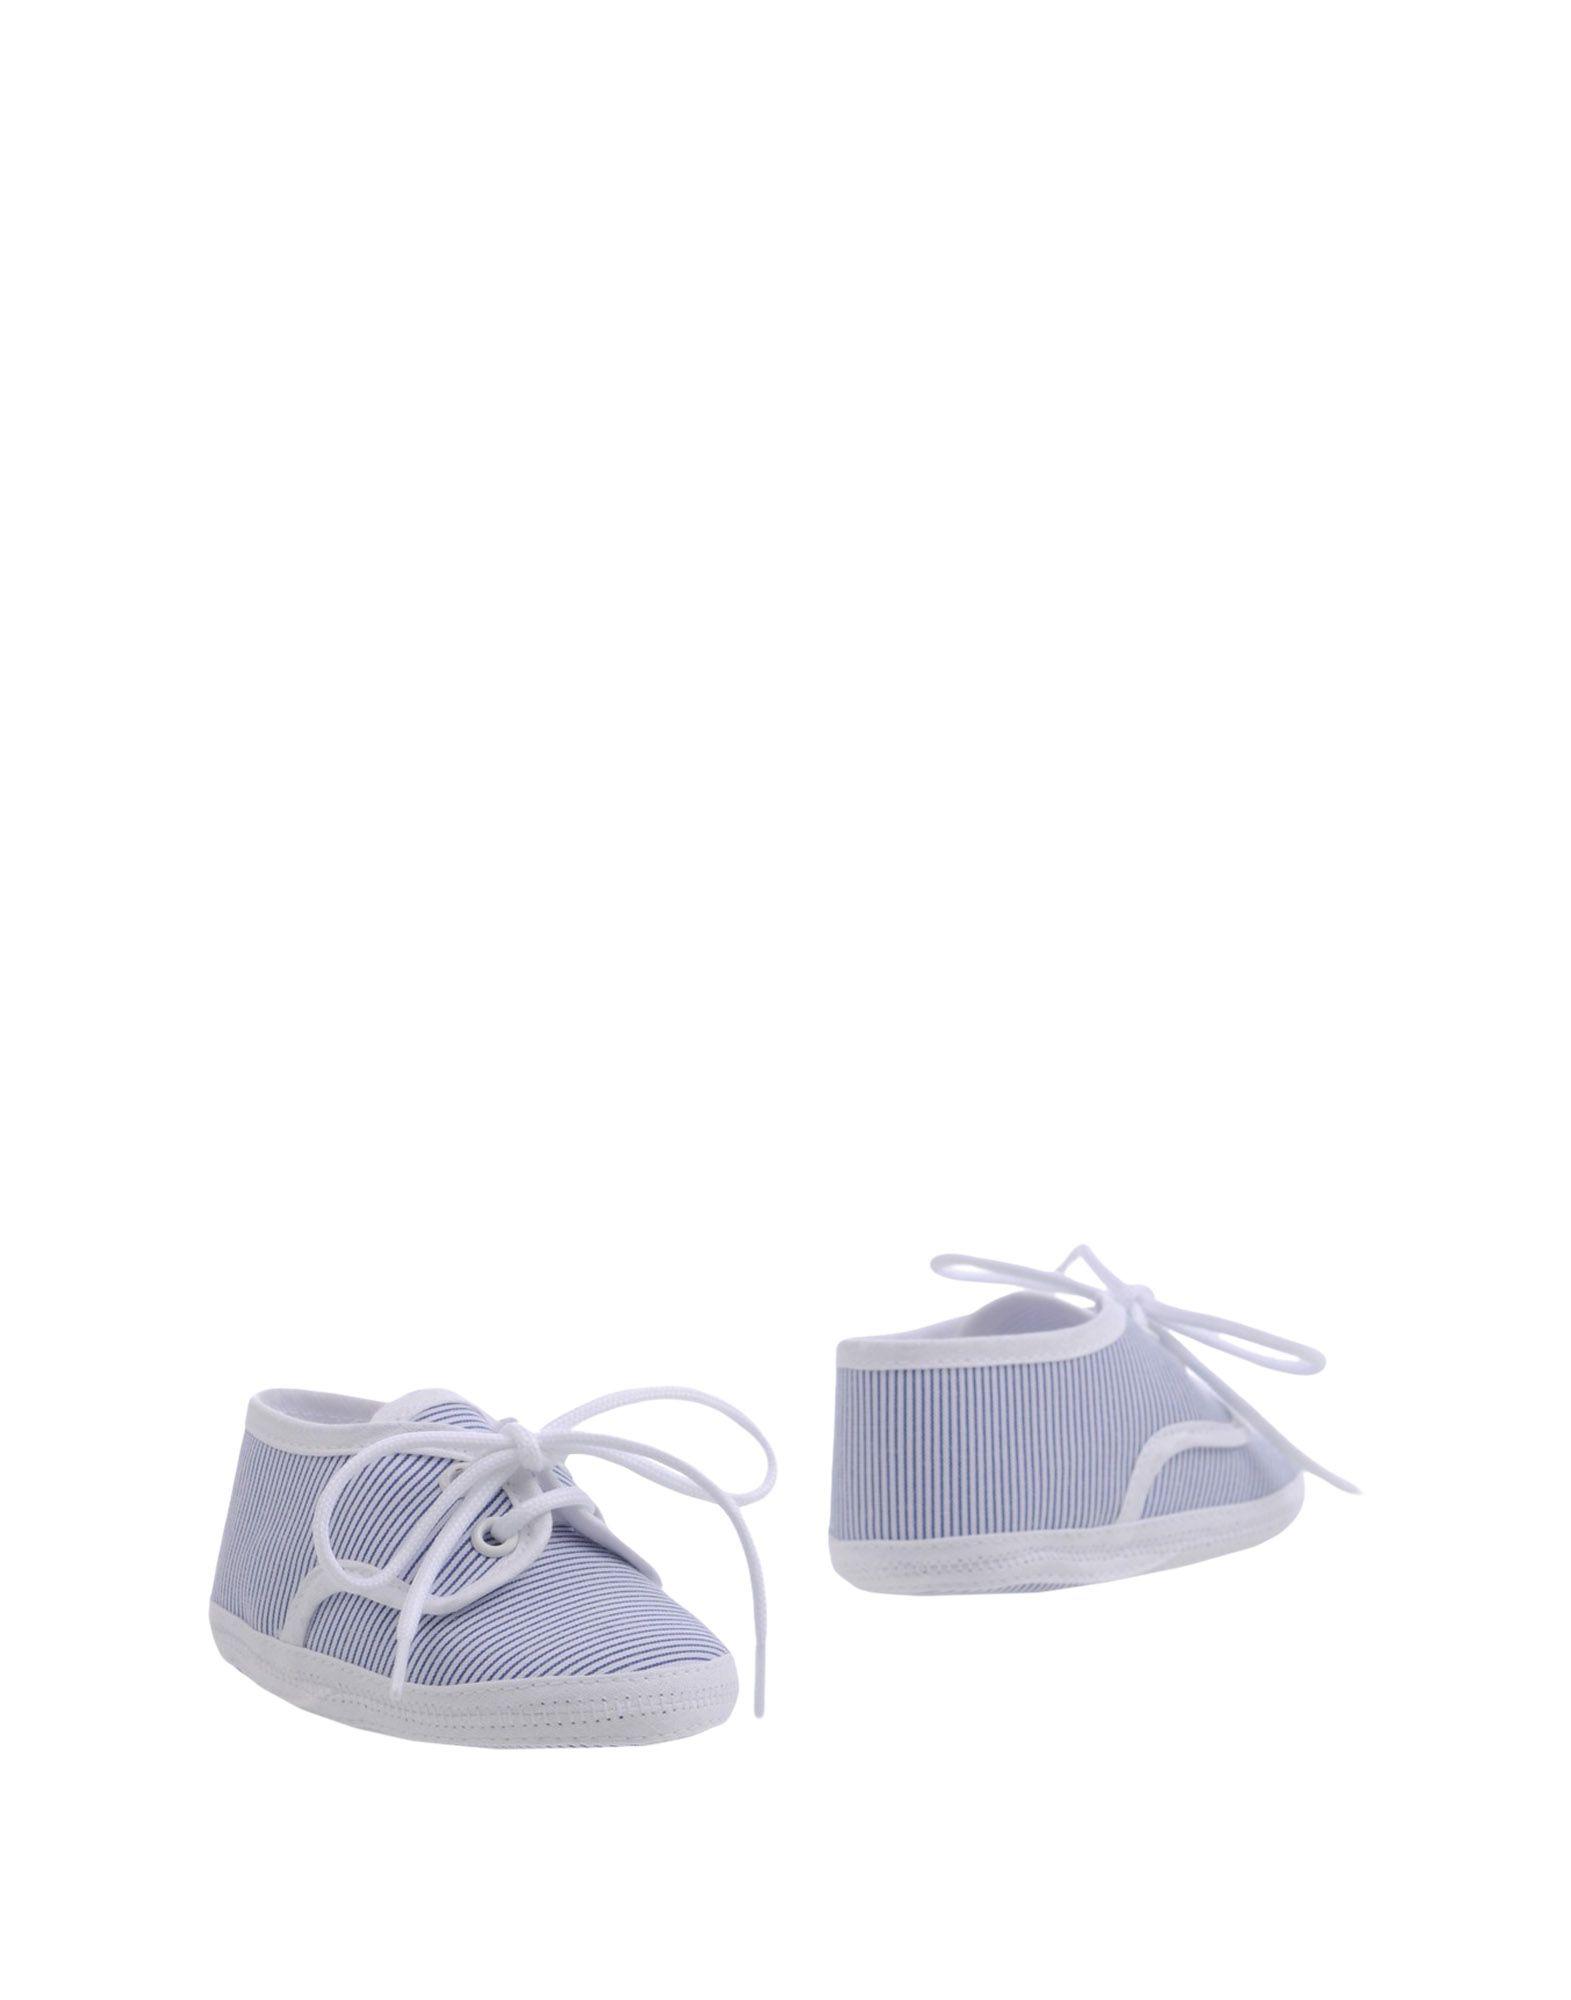 ALETTA Обувь для новорожденных для новорожденных в роддом